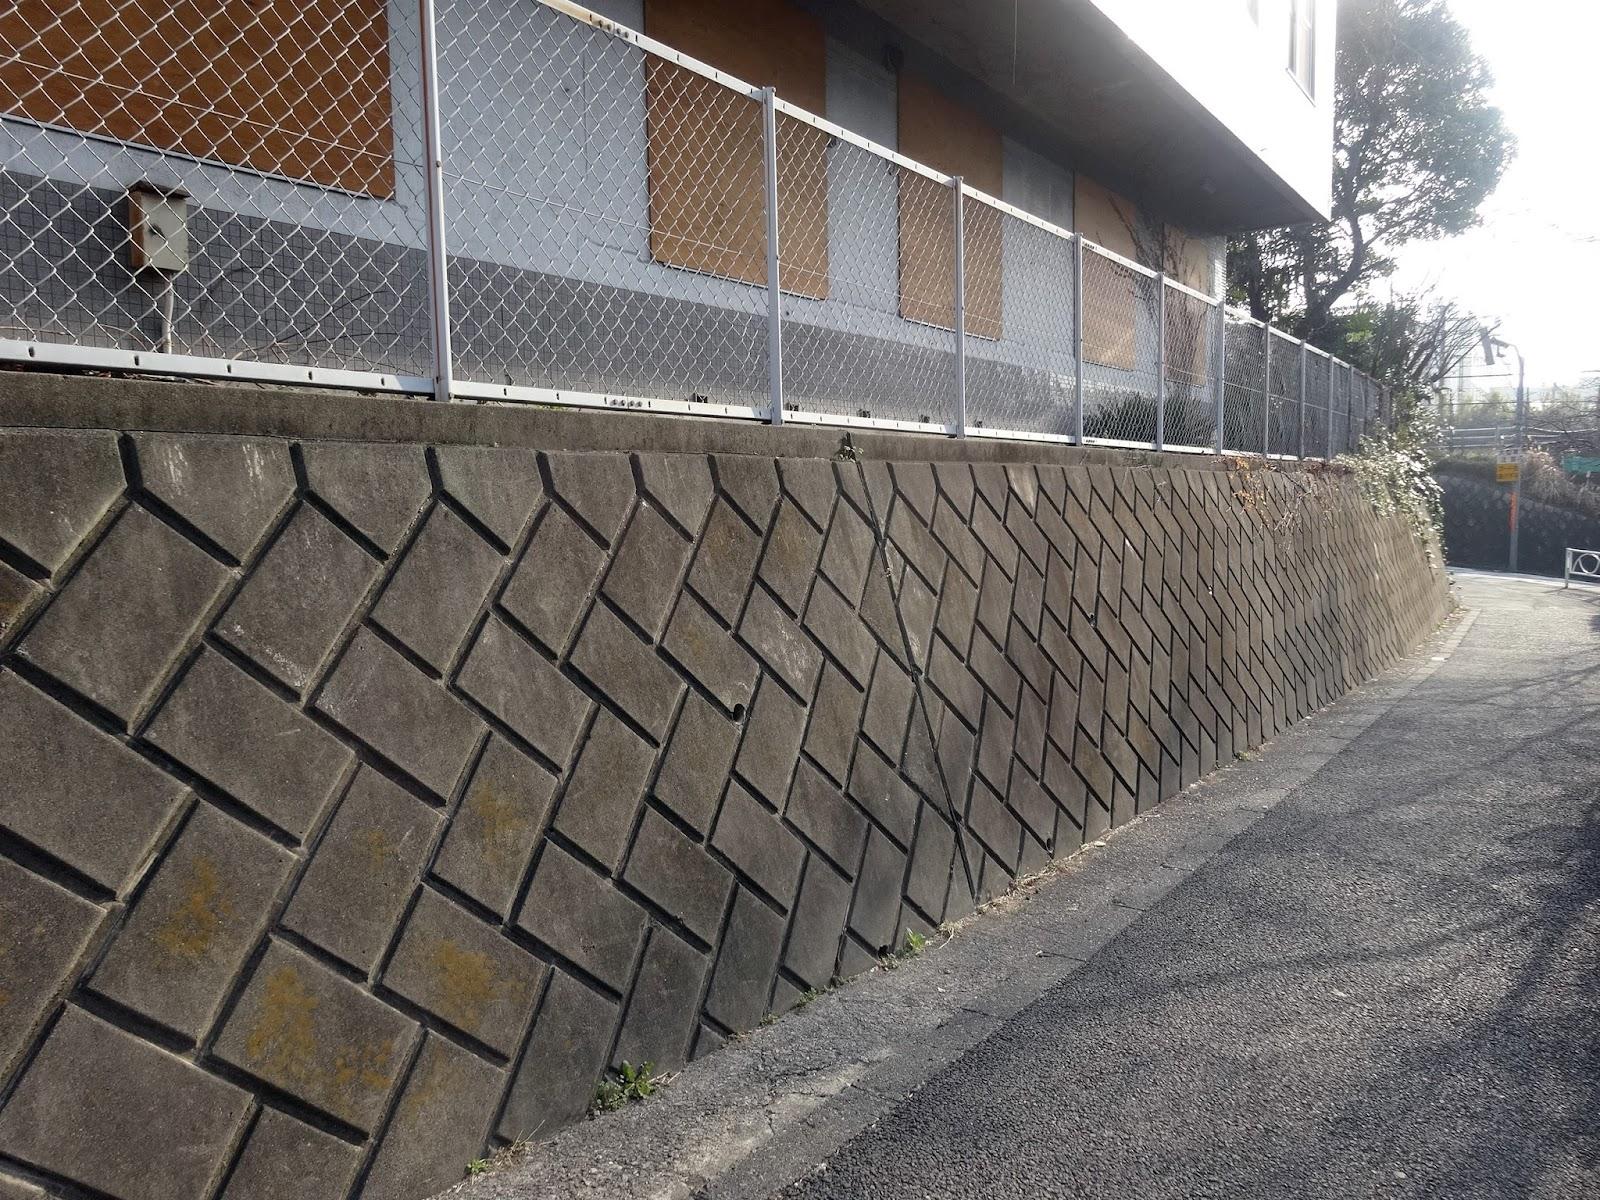 石垣,ブロック塀,土台,フェンス〈著作権フリー画像〉Free Stock Photos